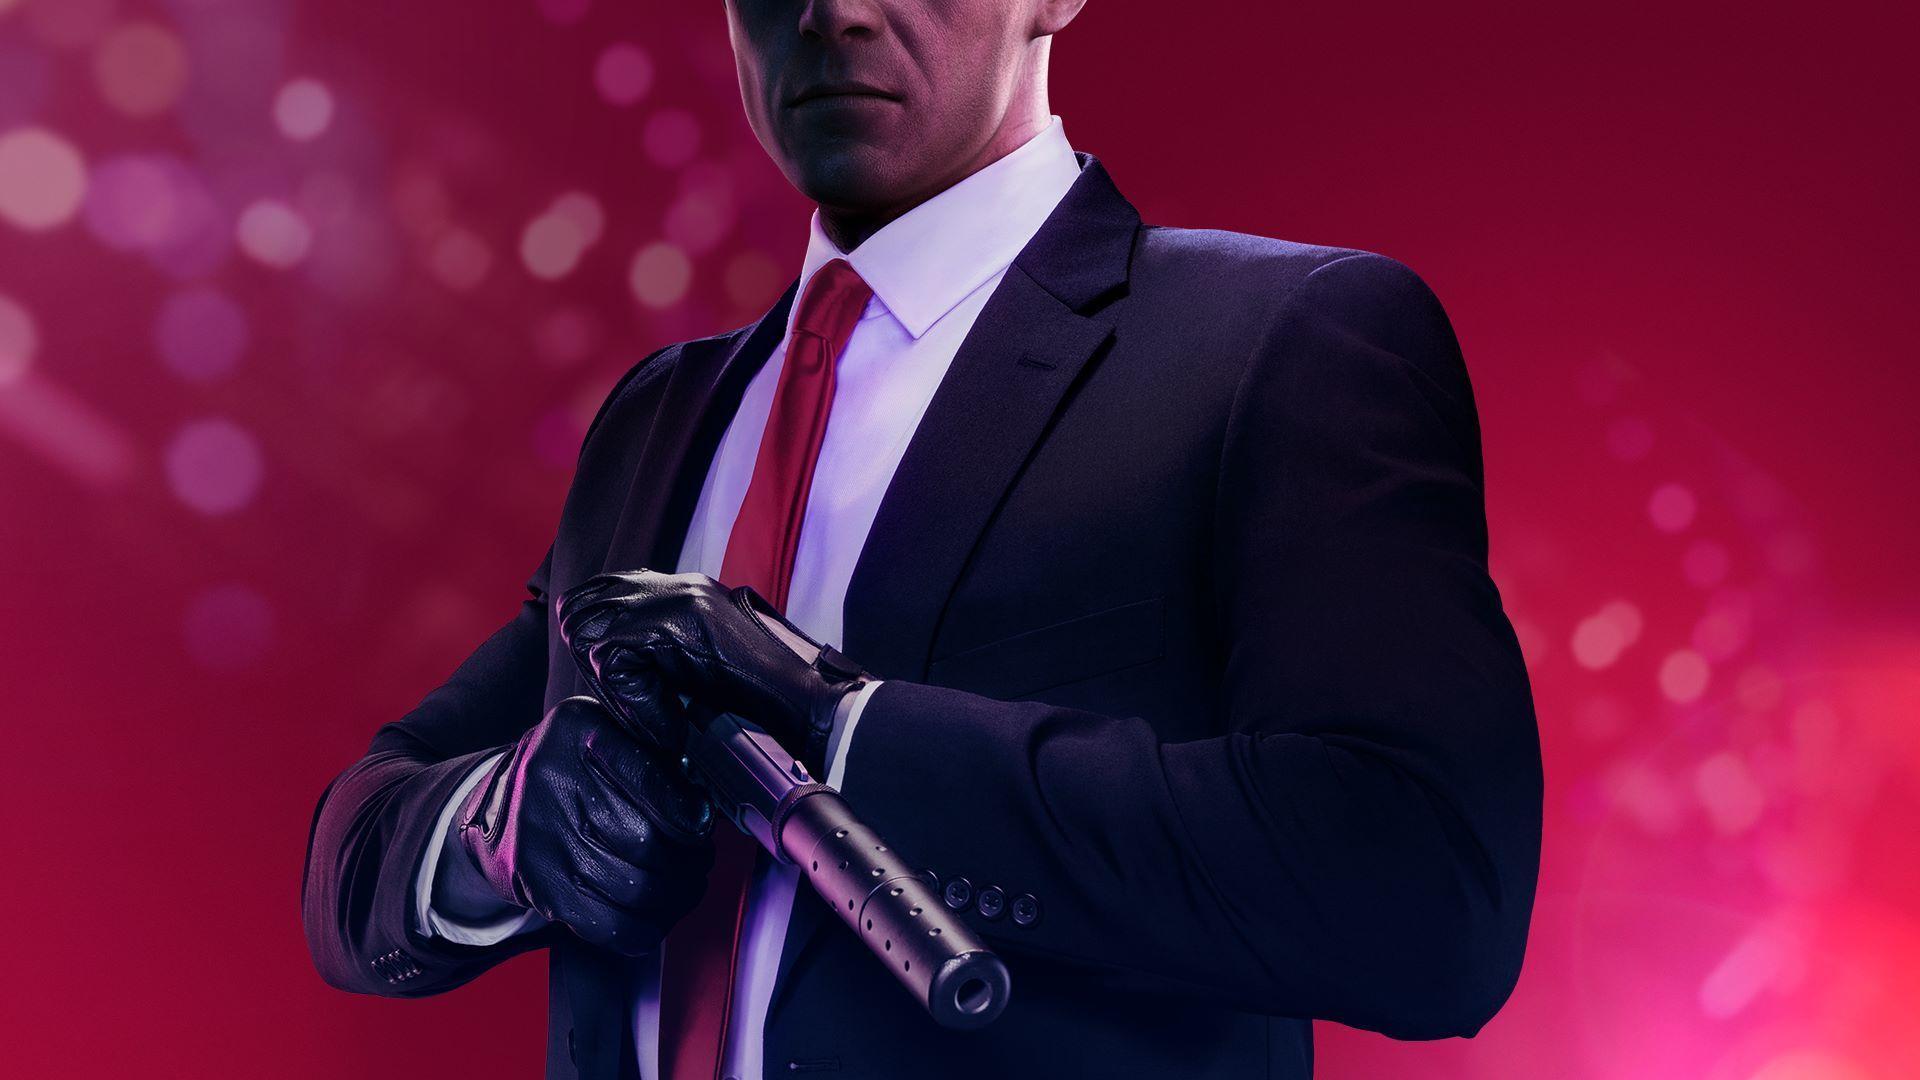 Hitman 2, la nuova avventura dell'Agente 47 provata all'E3 2018 thumbnail